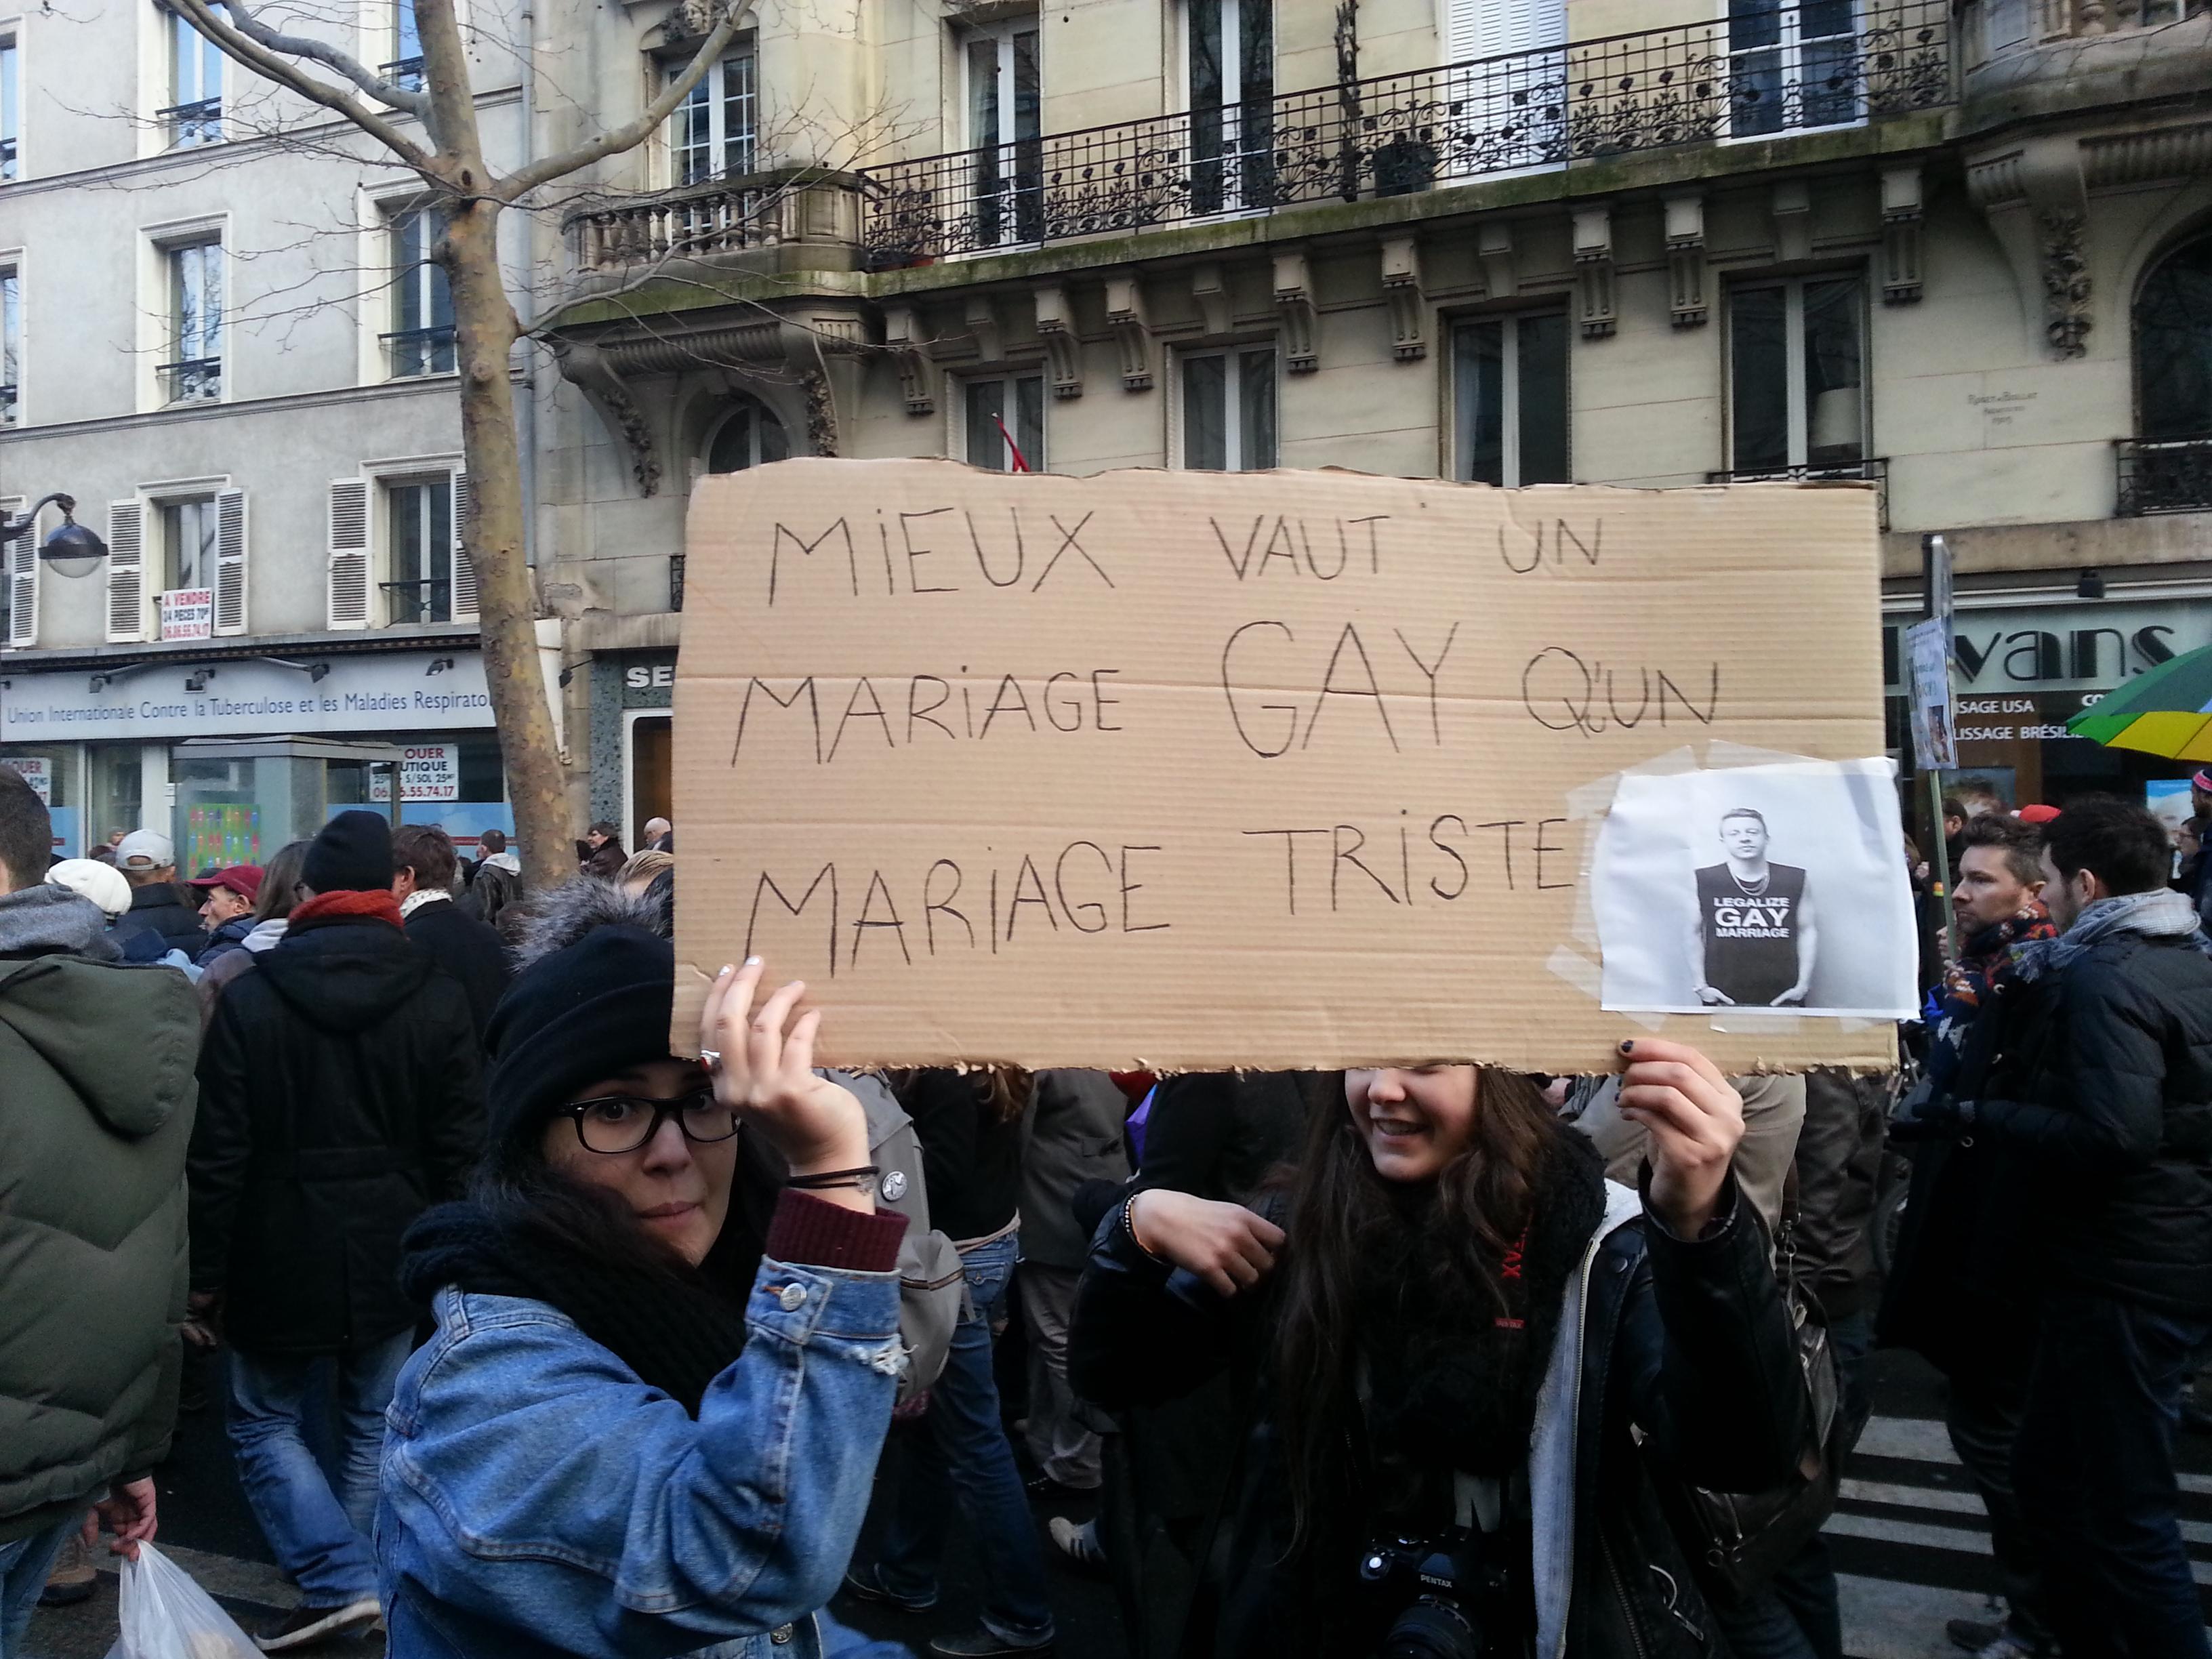 Mieux vaut un mariage GAY qu'un mariage triste.jpg Français : Deux manifestantes pour le mariage pour tous brandissent une pancarte avec le